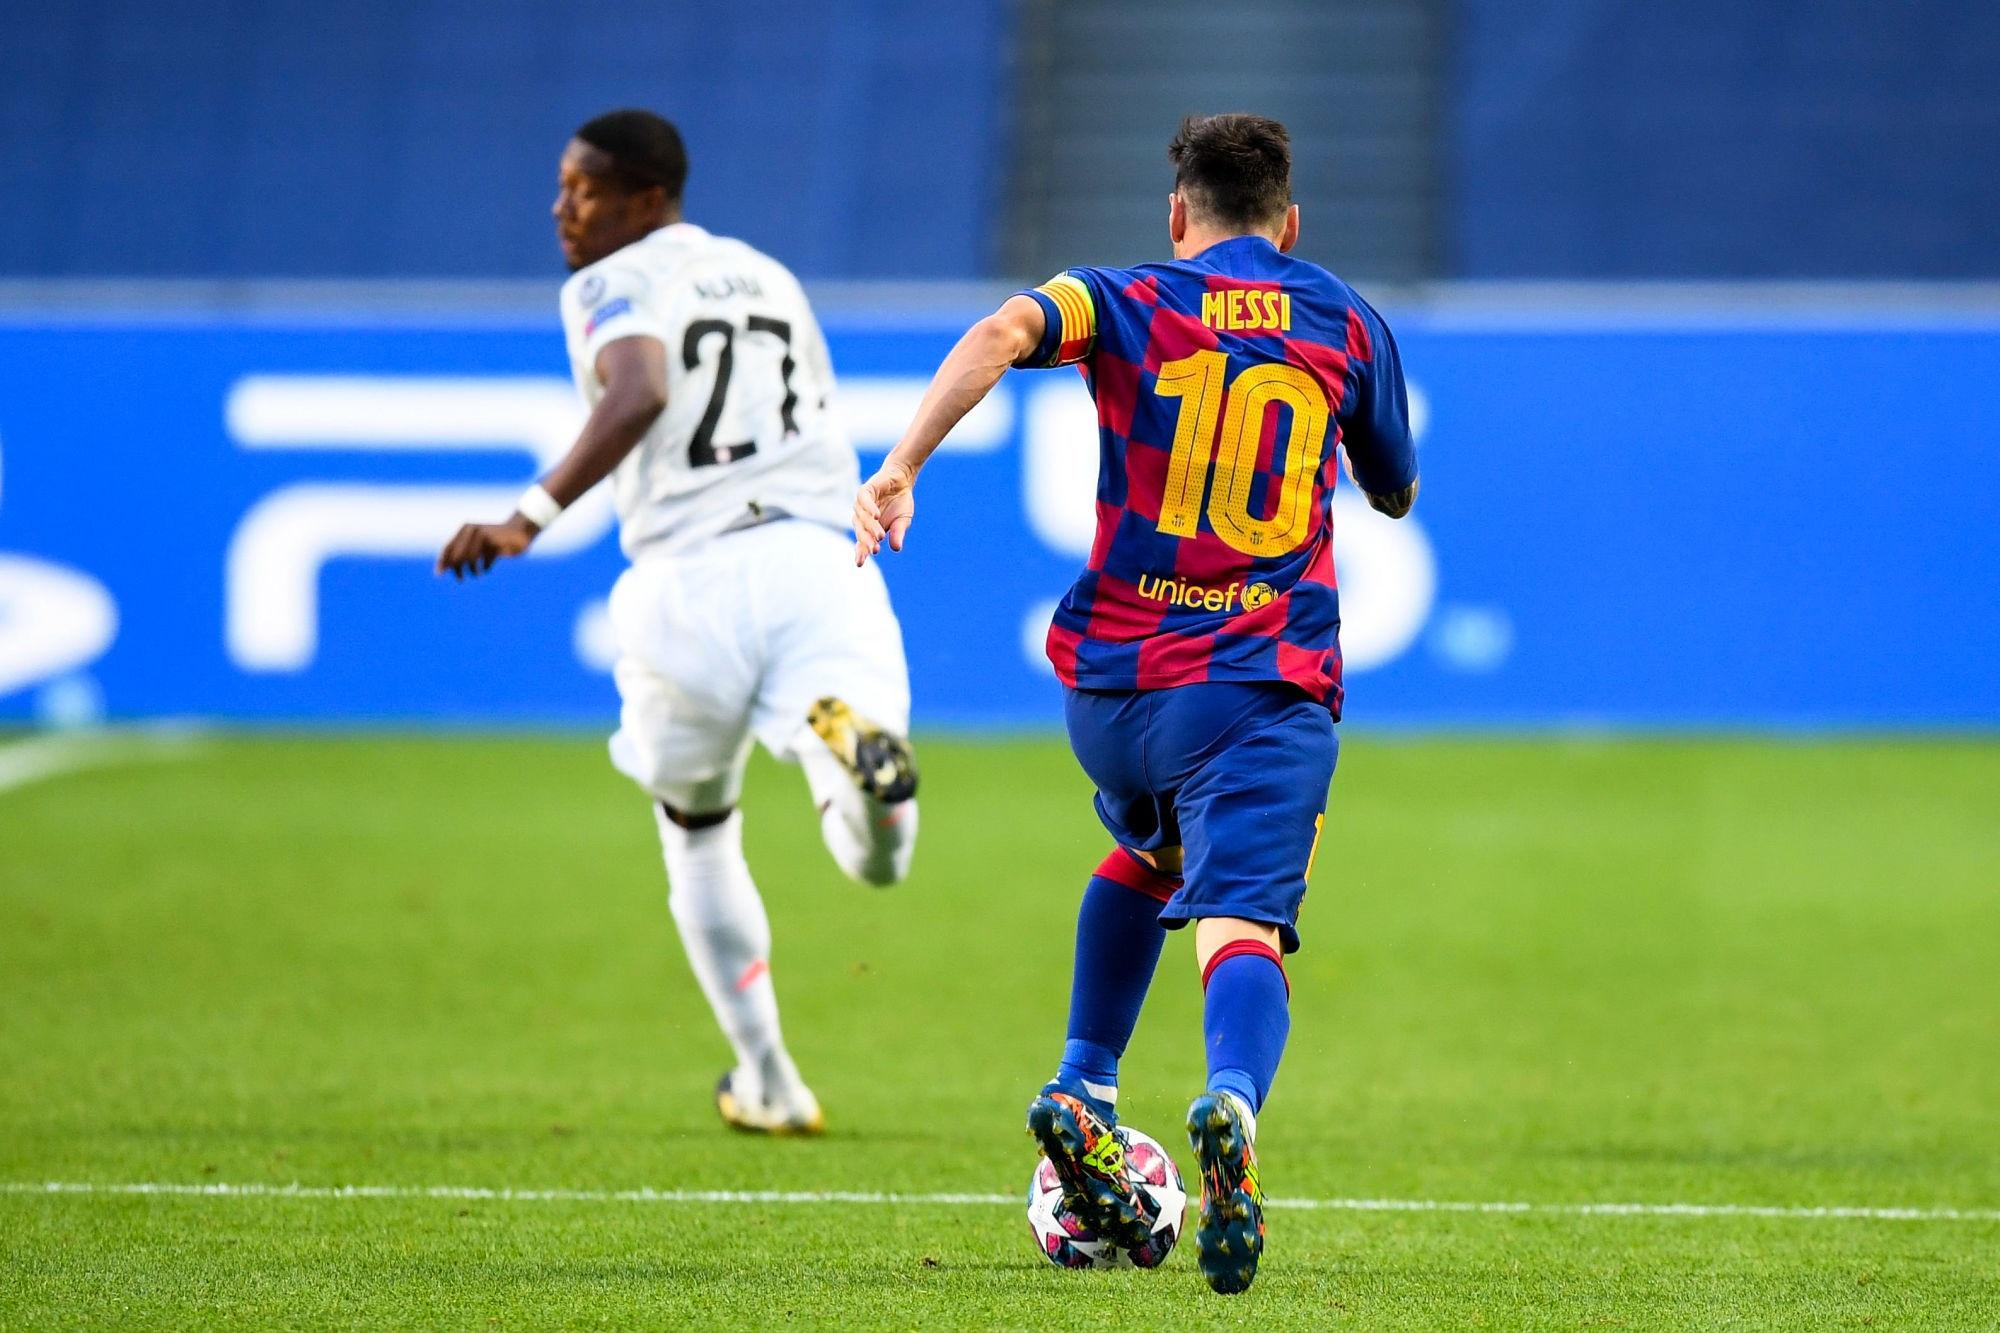 Mercato - La clause de départ de Messi n'est plus valable, selon la Cadena SER